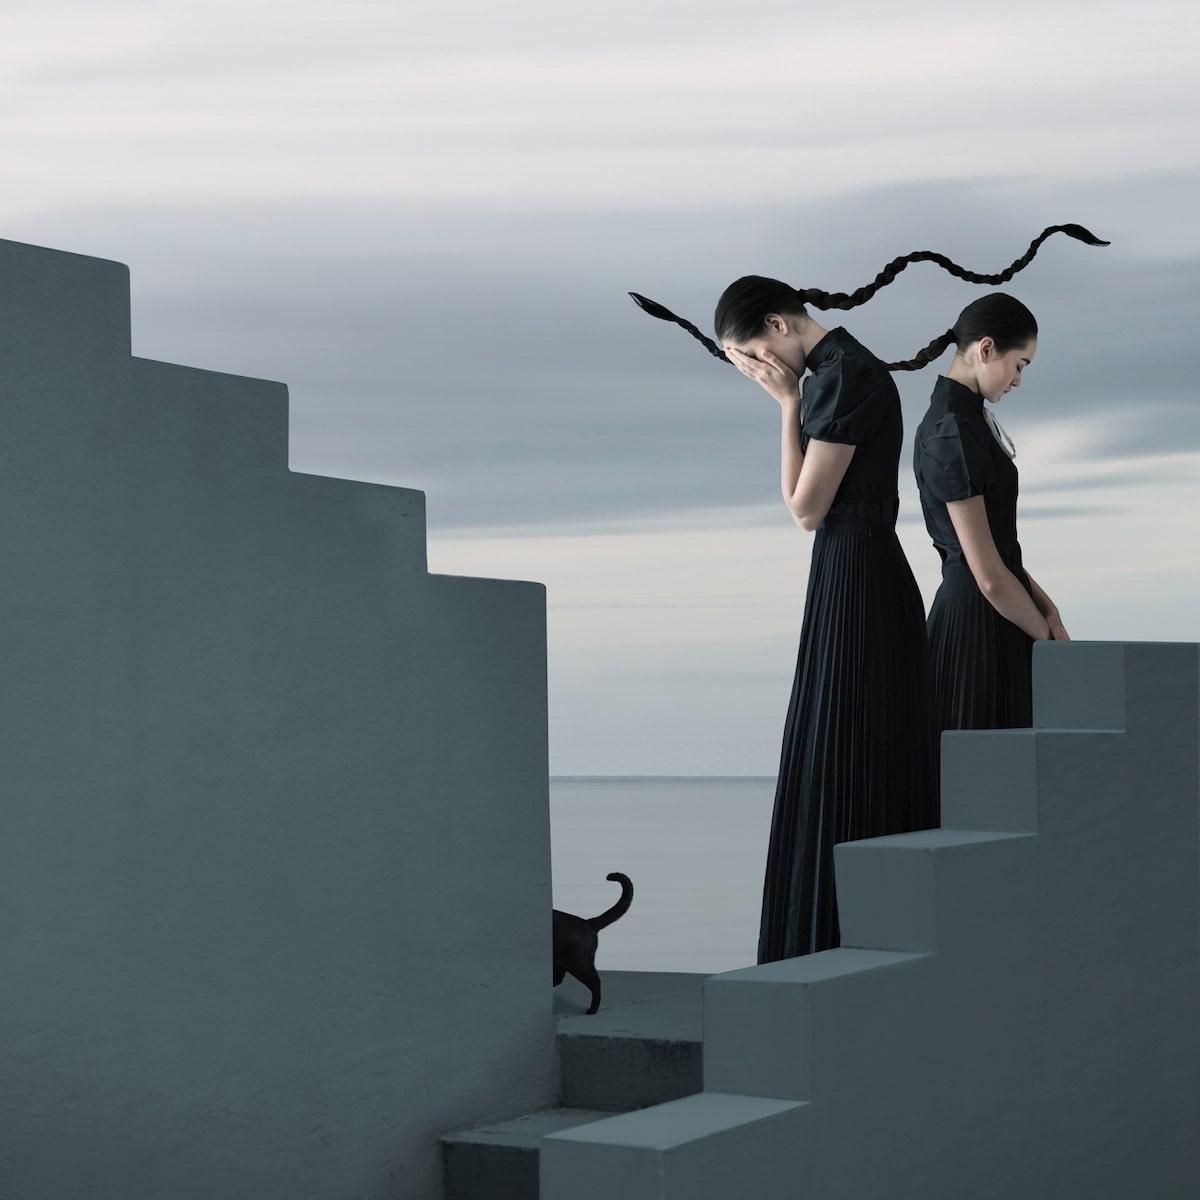 Imagen surrealista de dos personas para el concurso de fotografía SIPA